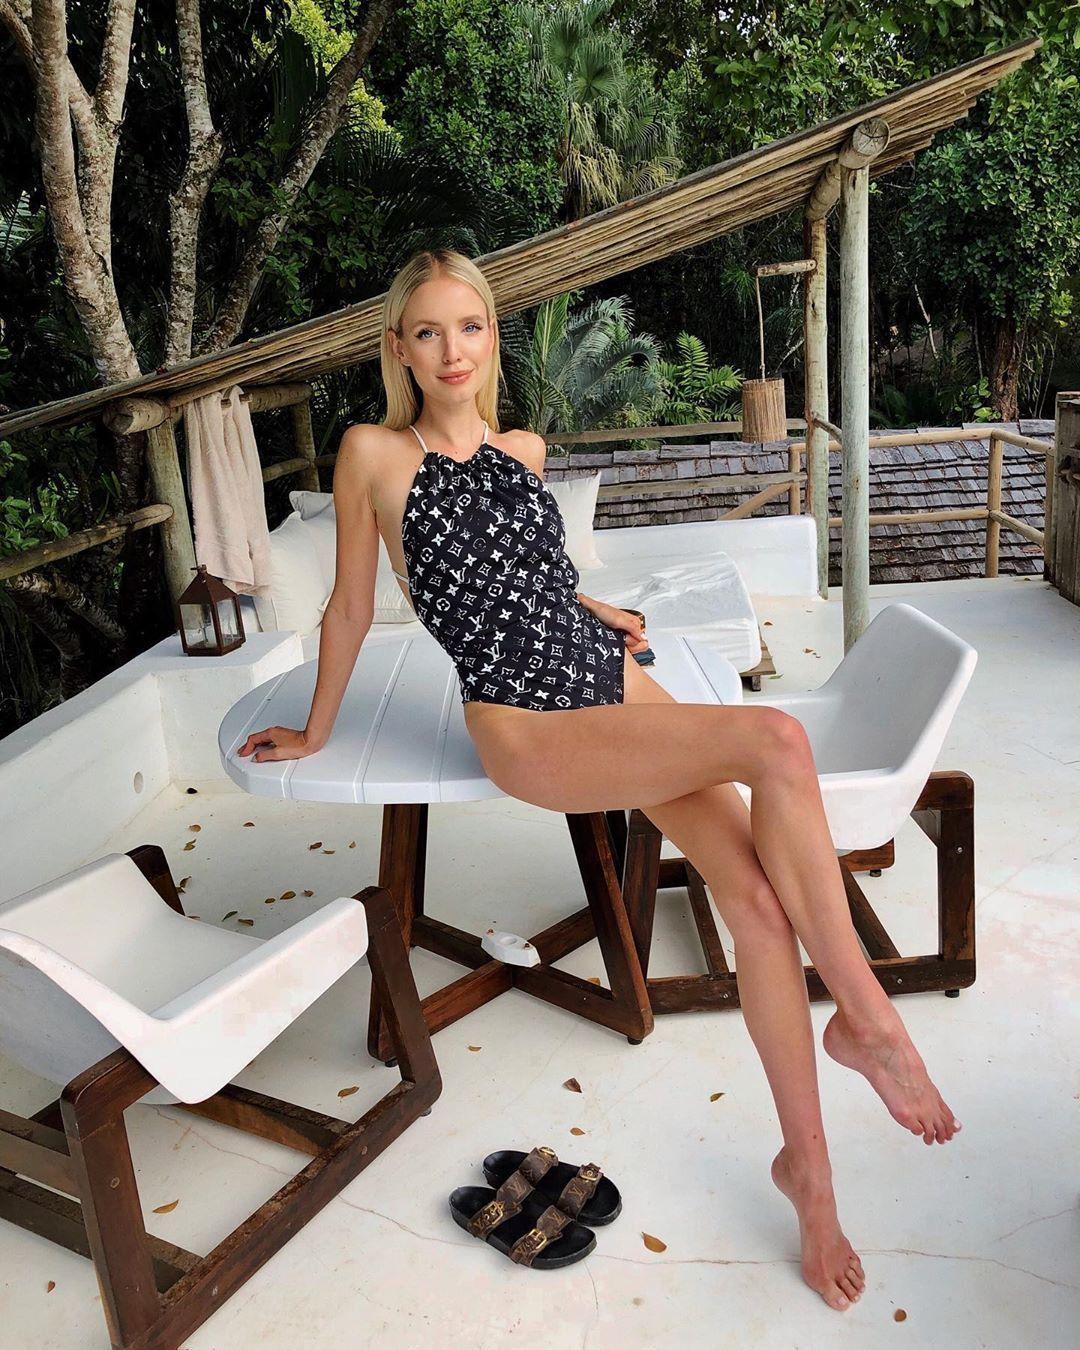 2020 diseñador de las mujeres del traje de baño atractivo del traje de baño del bikini de encaje hasta los trajes Marca del bikini de una pieza Trajes de baño traje de baño de diseñador Carta 20031703L